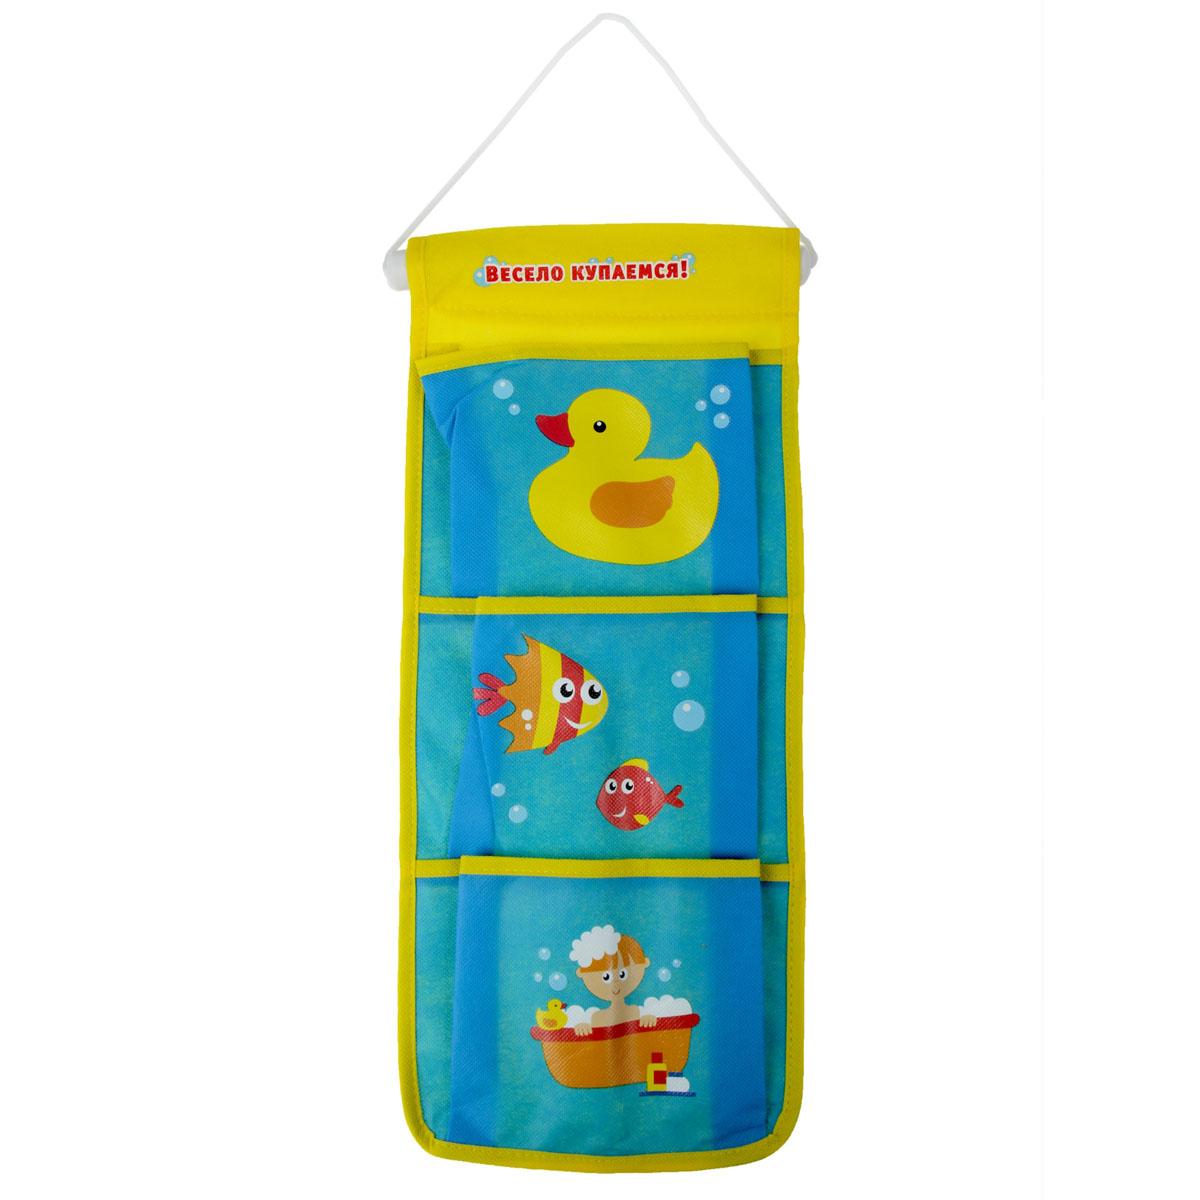 Кармашки на стену Sima-land Весело купаемся!, цвет: желтый, голубой, коричневый, 3 штES-412Кармашки на стену Sima-land «Весело купаемся!», изготовленные из текстиля и пластика, предназначены для хранения необходимых вещей, множества мелочей в гардеробной, ванной, детской комнатах. Изделие представляет собой текстильное полотно с пятью пришитыми кармашками. Благодаря пластмассовой планке и шнурку, кармашки можно подвесить на стену или дверь в необходимом для вас месте. Кармашки декорированы изображениями купающегося малыша, утки, рыбок и надписью «Весело купаемся!».Этот нужный предмет может стать одновременно и декоративным элементом комнаты. Яркий дизайн, как ничто иное, способен оживить интерьер вашего дома.